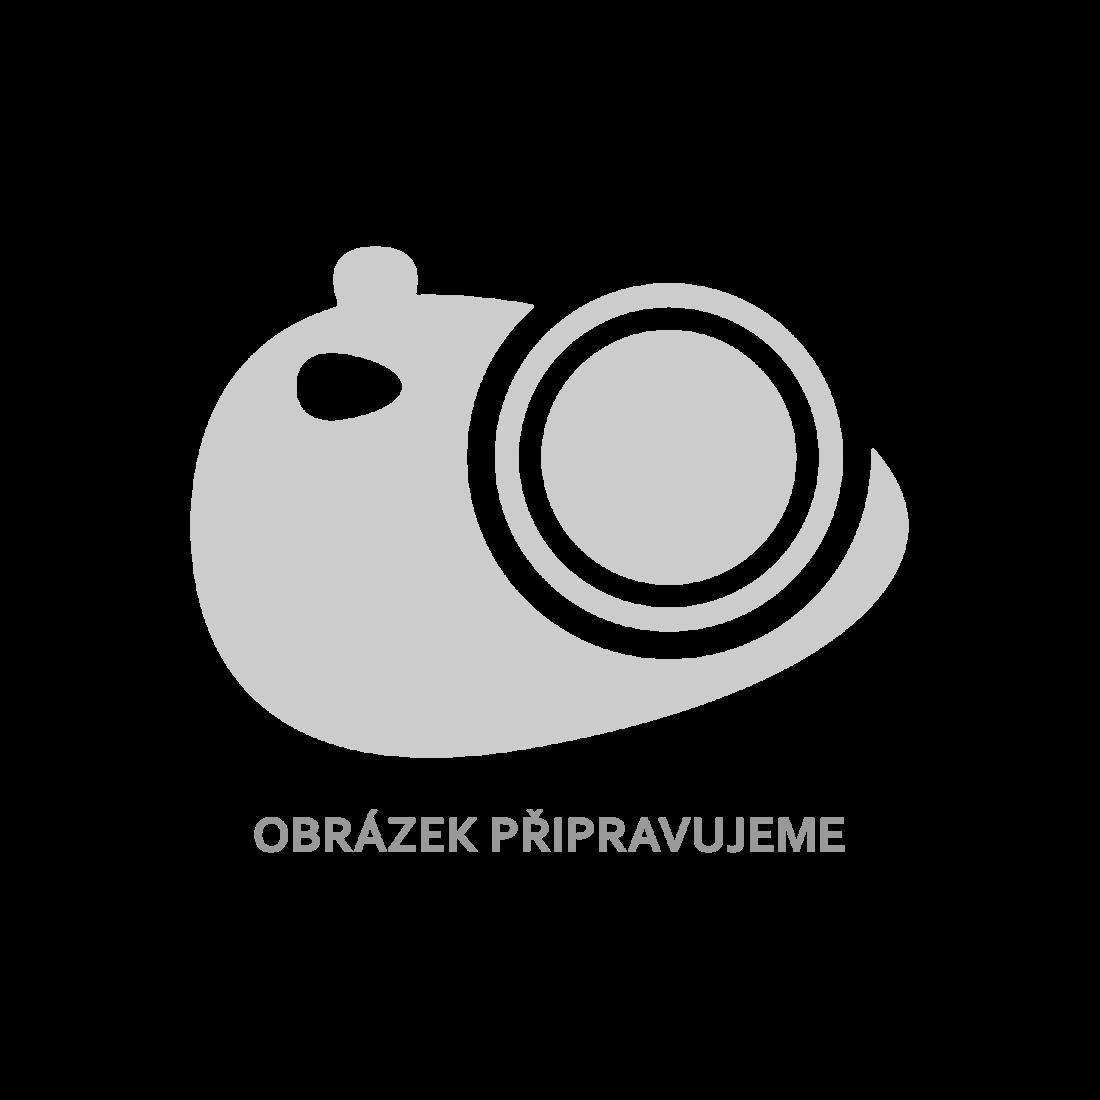 vidaXL Konferenční stolek bílý 110 x 60 x 40 cm MDF [280010]